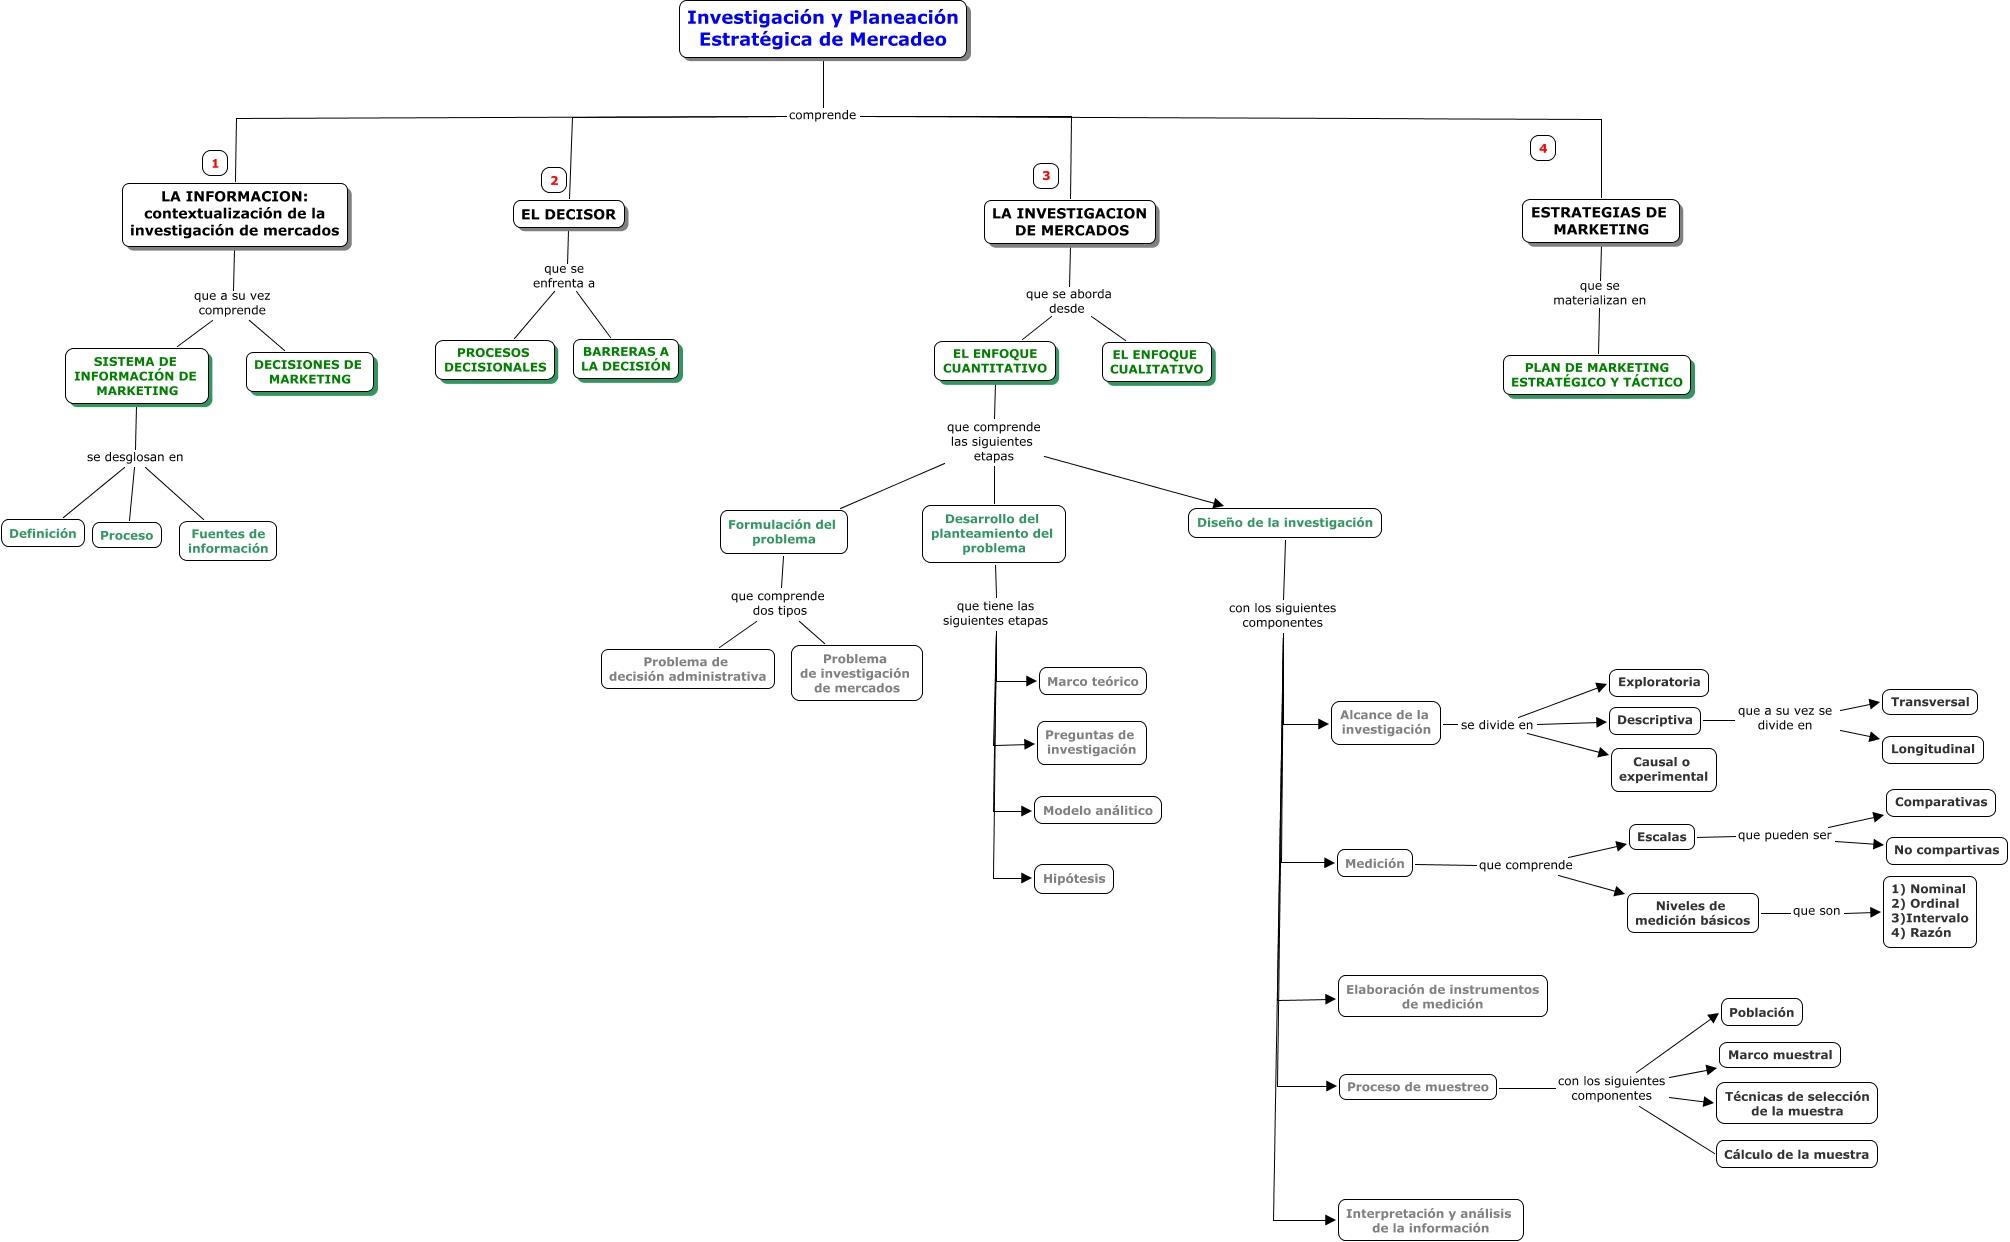 Investigacion y Planeacion estrategica